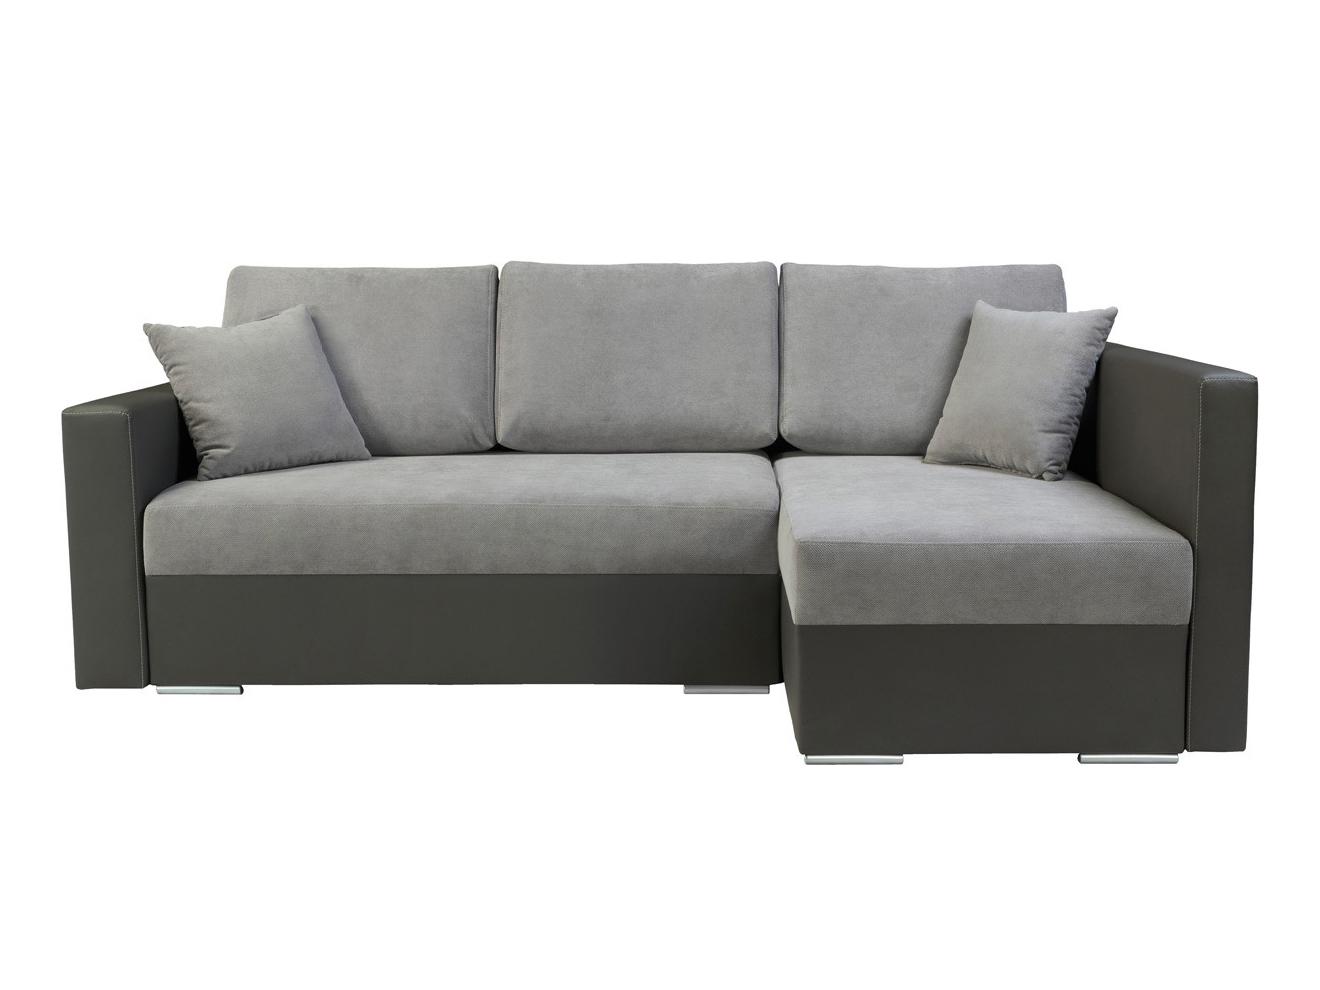 Rohová sedací souprava - BRW - Kris Lux 3DL.URC šedá (P)